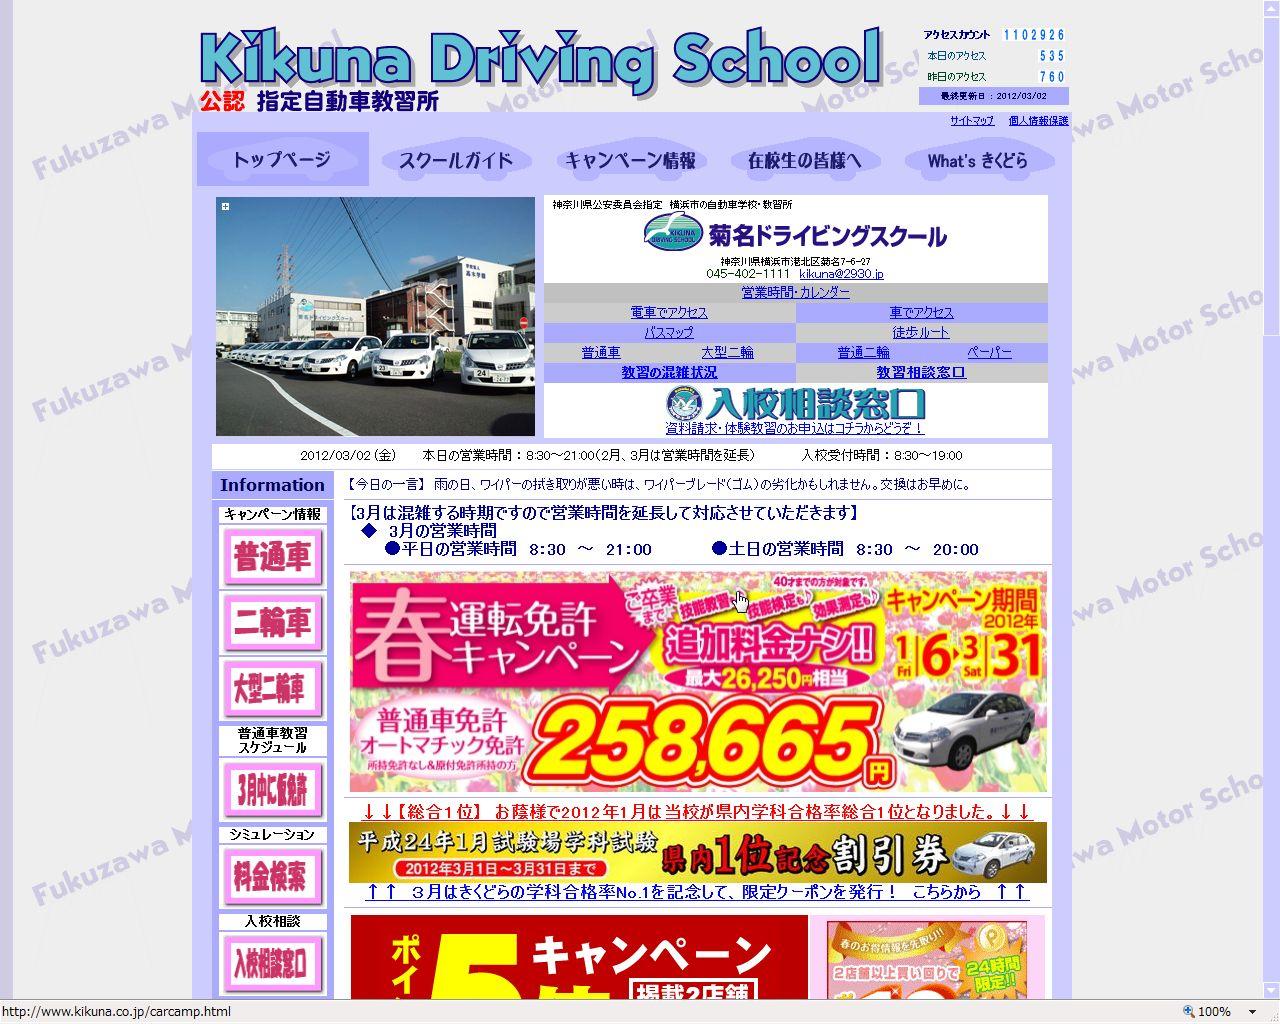 関東 自動車 学校 溝の口